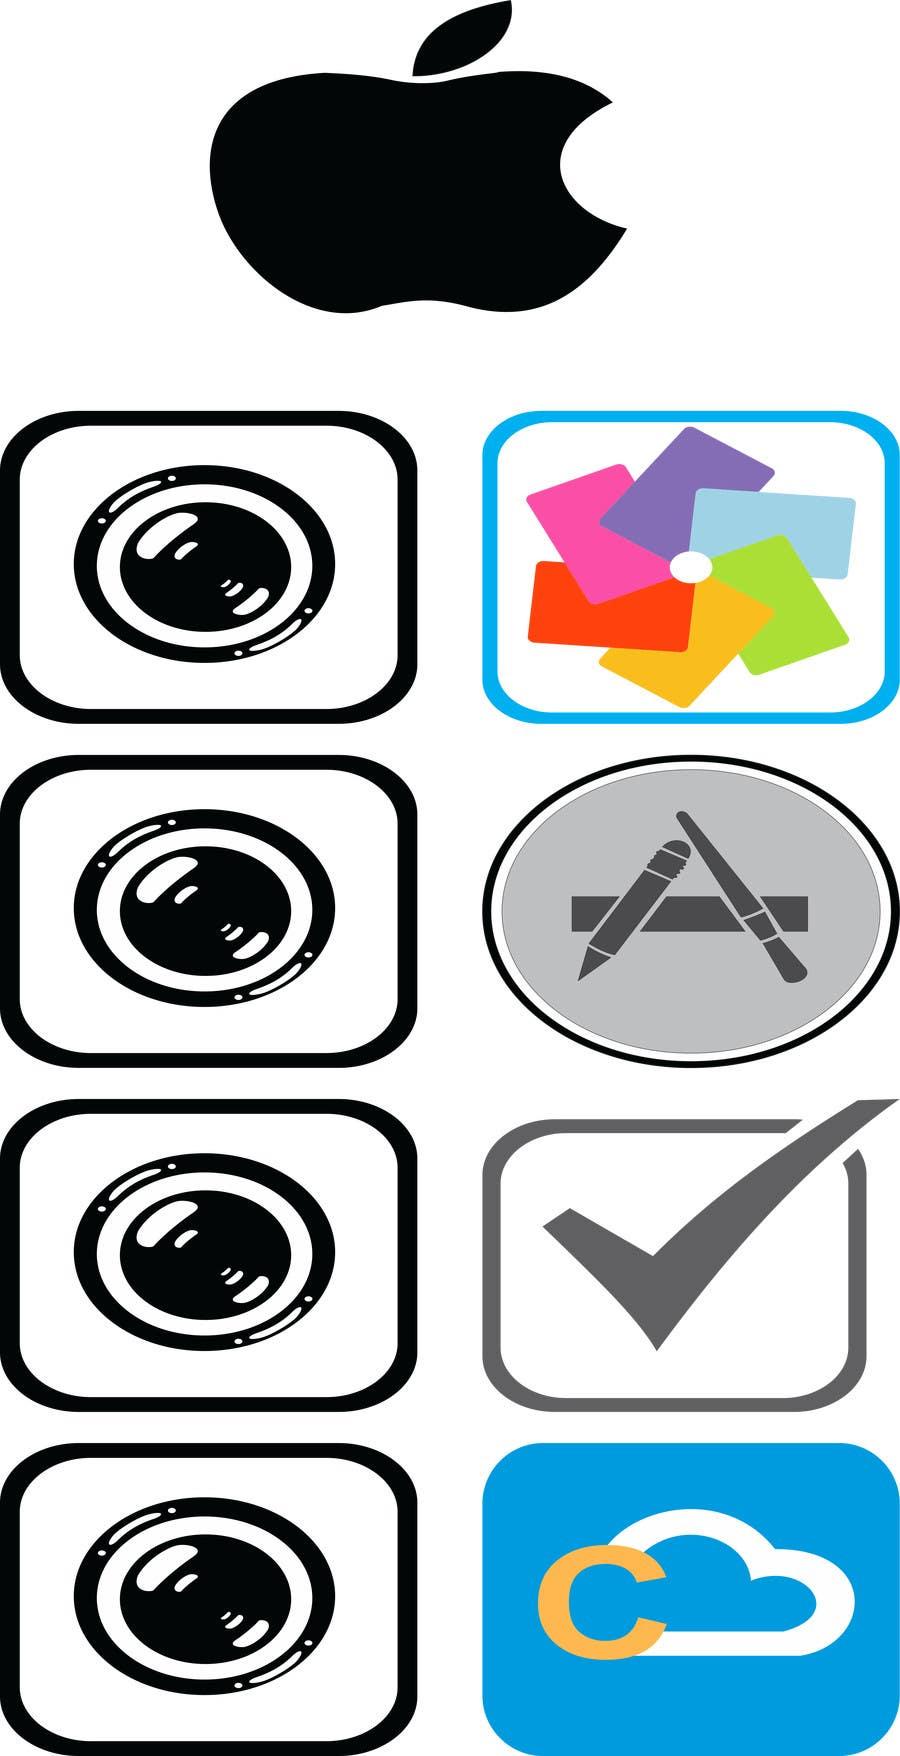 Inscrição nº                                         1                                      do Concurso para                                         Design a Collection of Logos / Icons for Websites/Apps